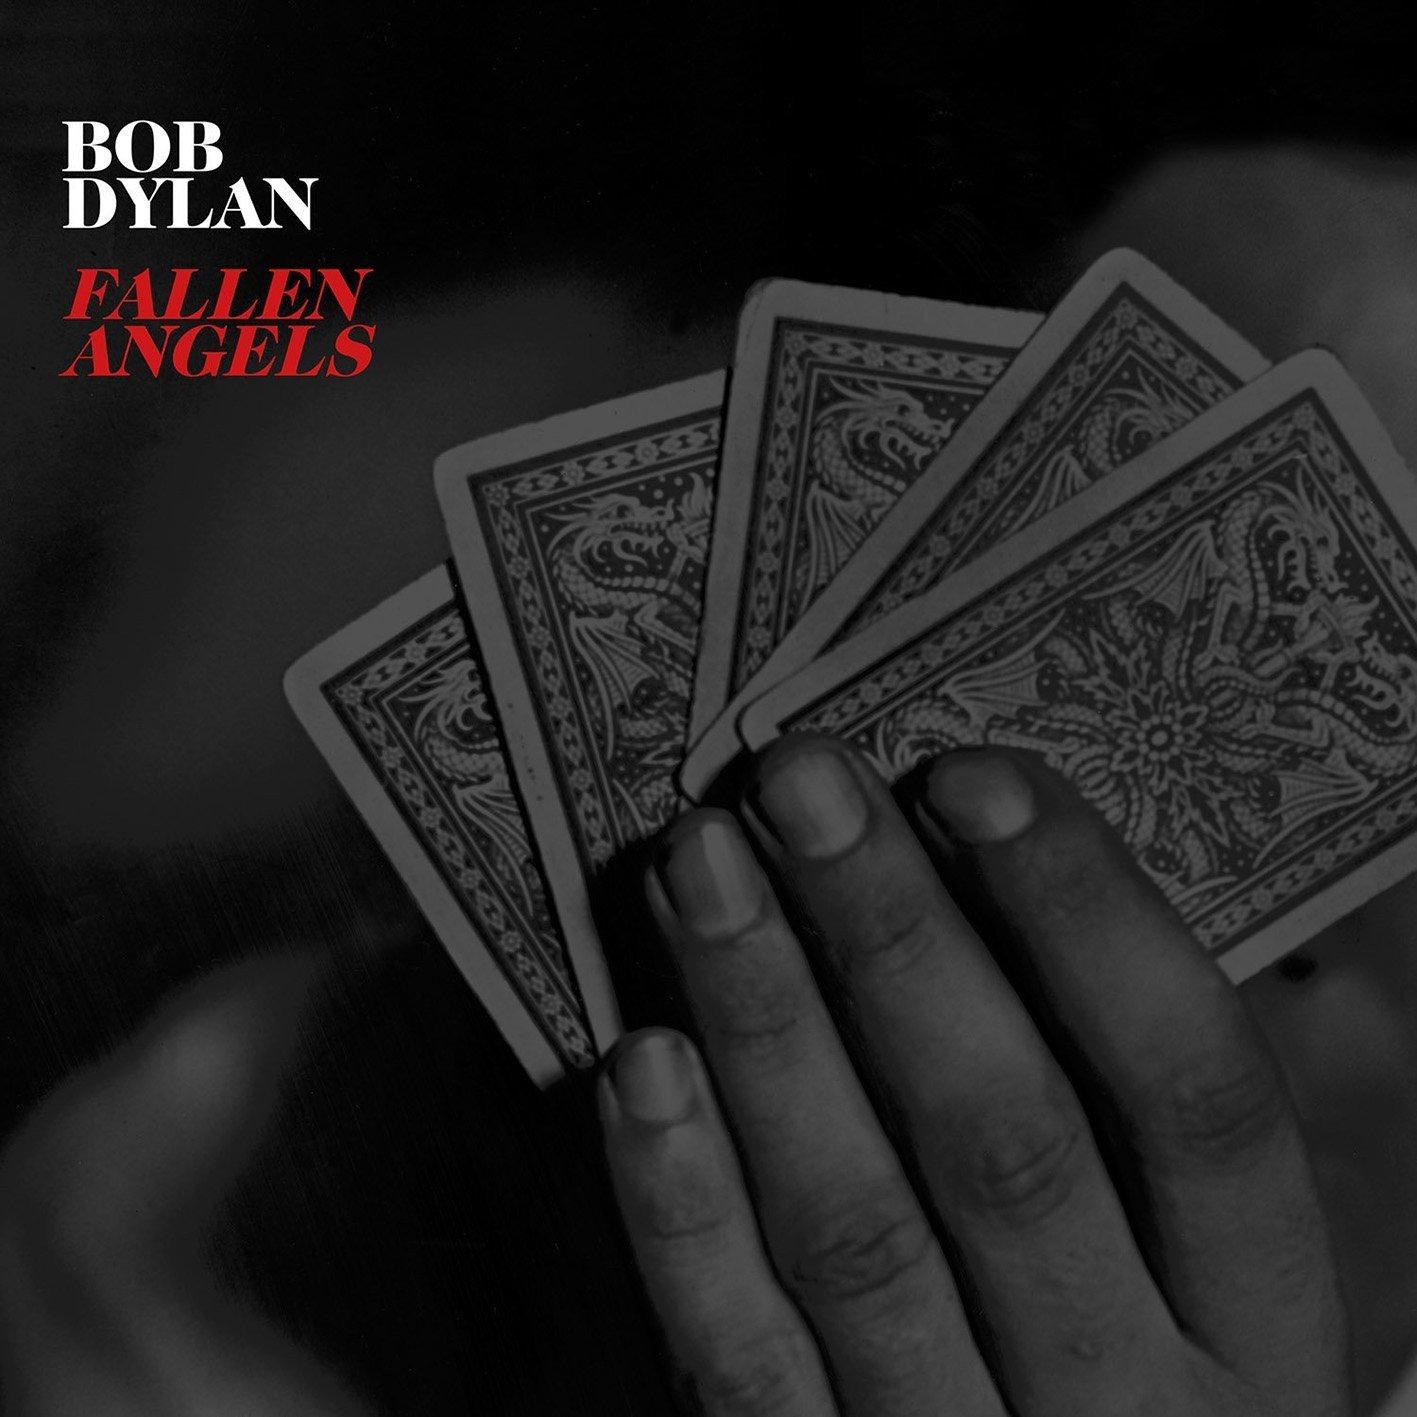 BobDylan_FallenAngels_Cover